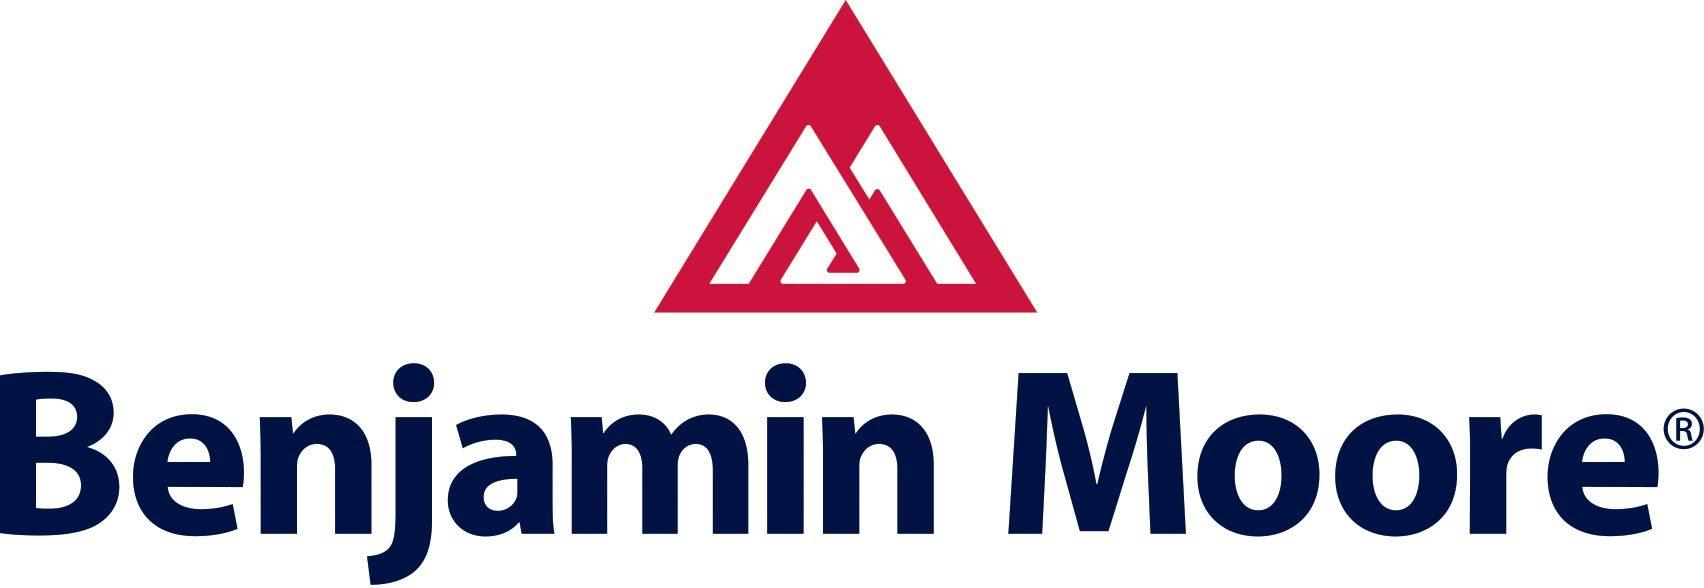 BenjaminMoore_-_logo_highres.jpg